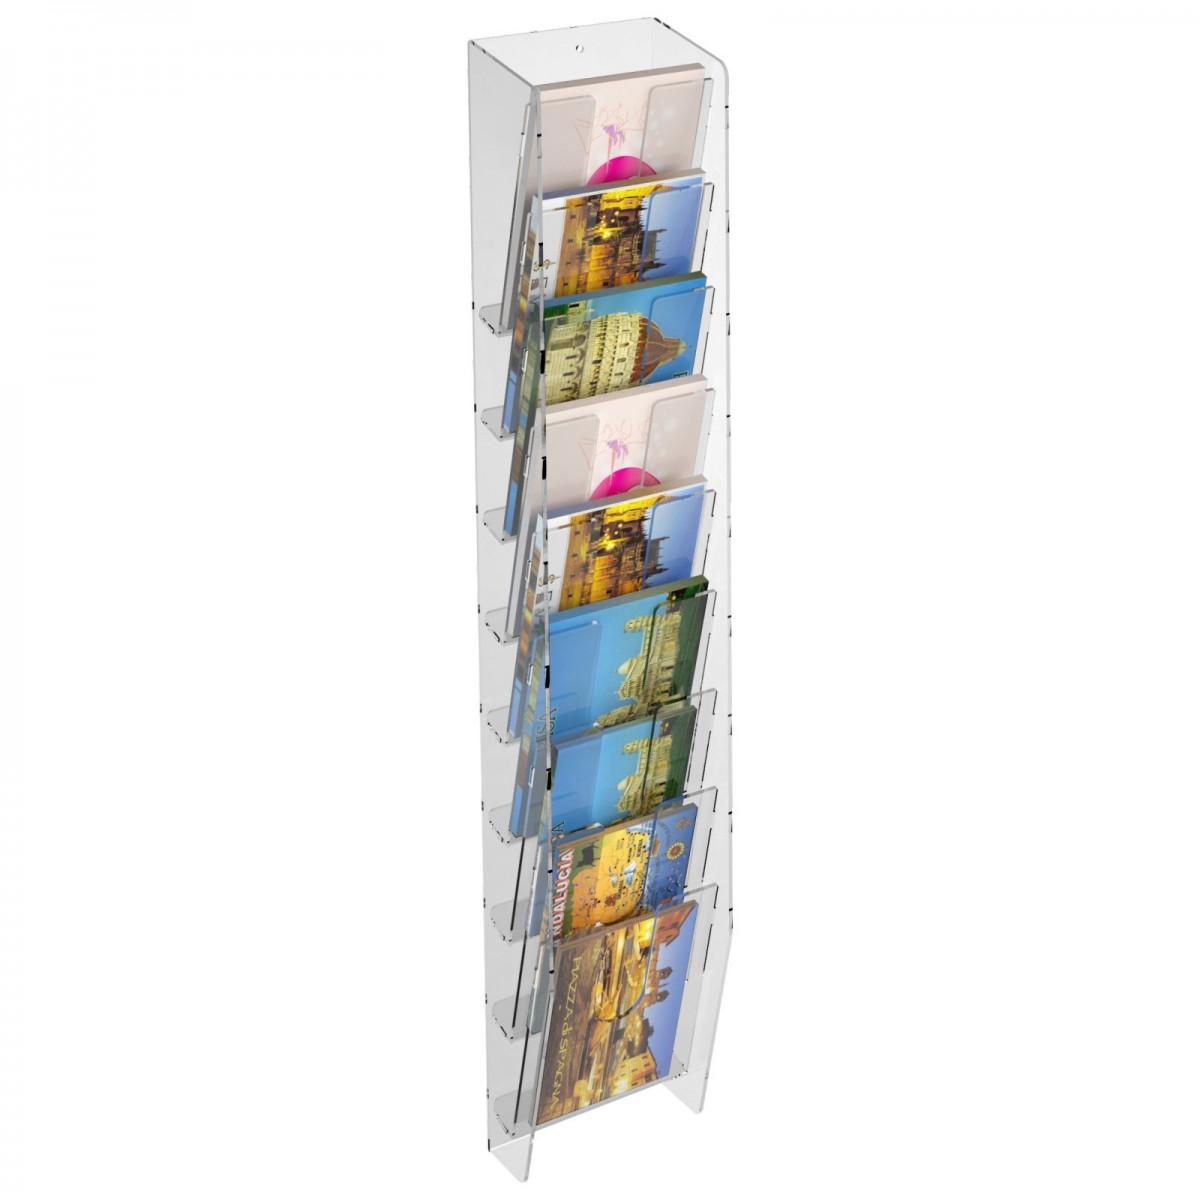 E-399 EPC-F - Espositore porta cartoline da parete in plexiglass trasparente a 9 tasche